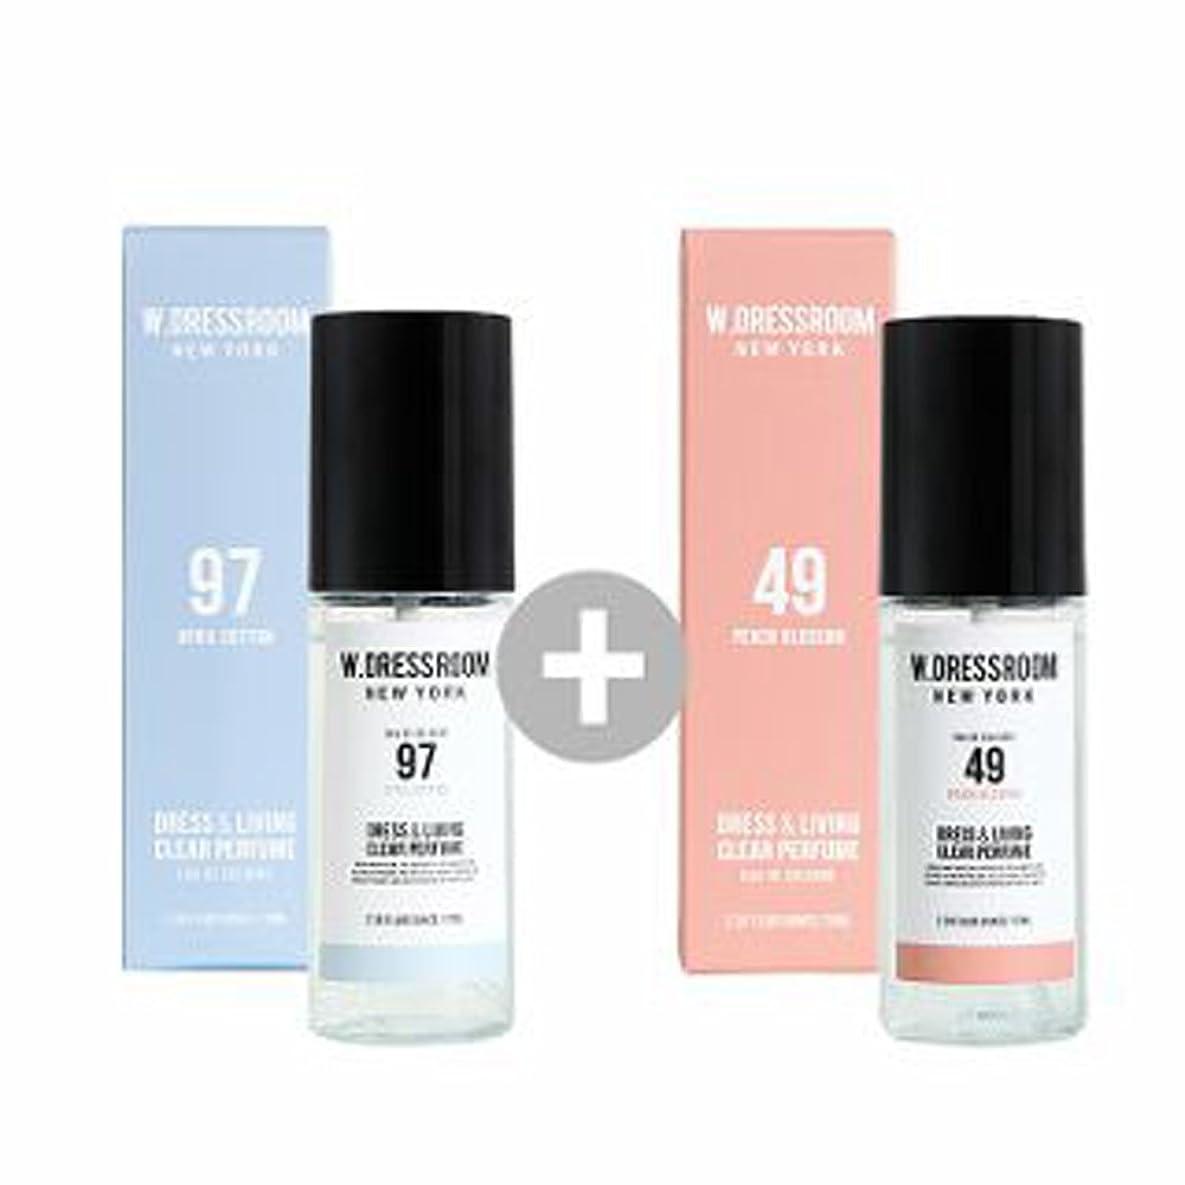 奨励します成熟した説得力のあるW.DRESSROOM Dress & Living Clear Perfume 70ml(No 97 April Cotton)+(No 49 Peach Blossom)